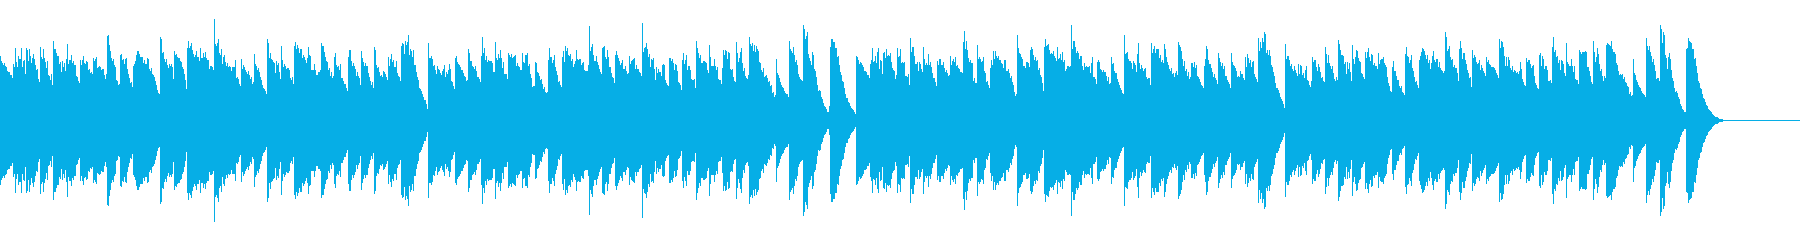 キッズポップミュージックの弾むと遊...の再生済みの波形